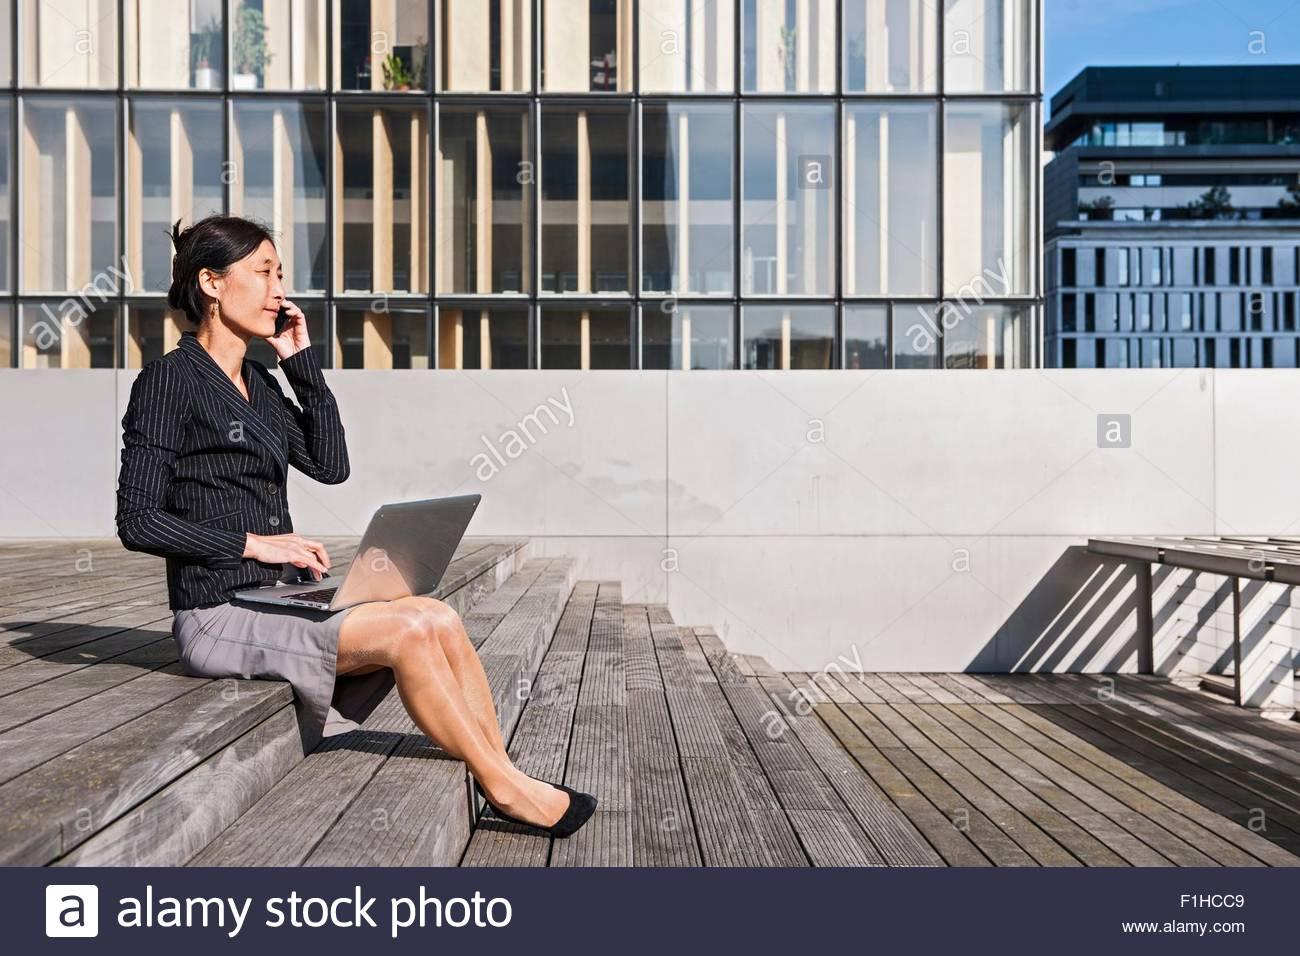 La empresaria utilización portátil delante de un edificio de gran altura, París, Île-de-France, Imagen De Stock